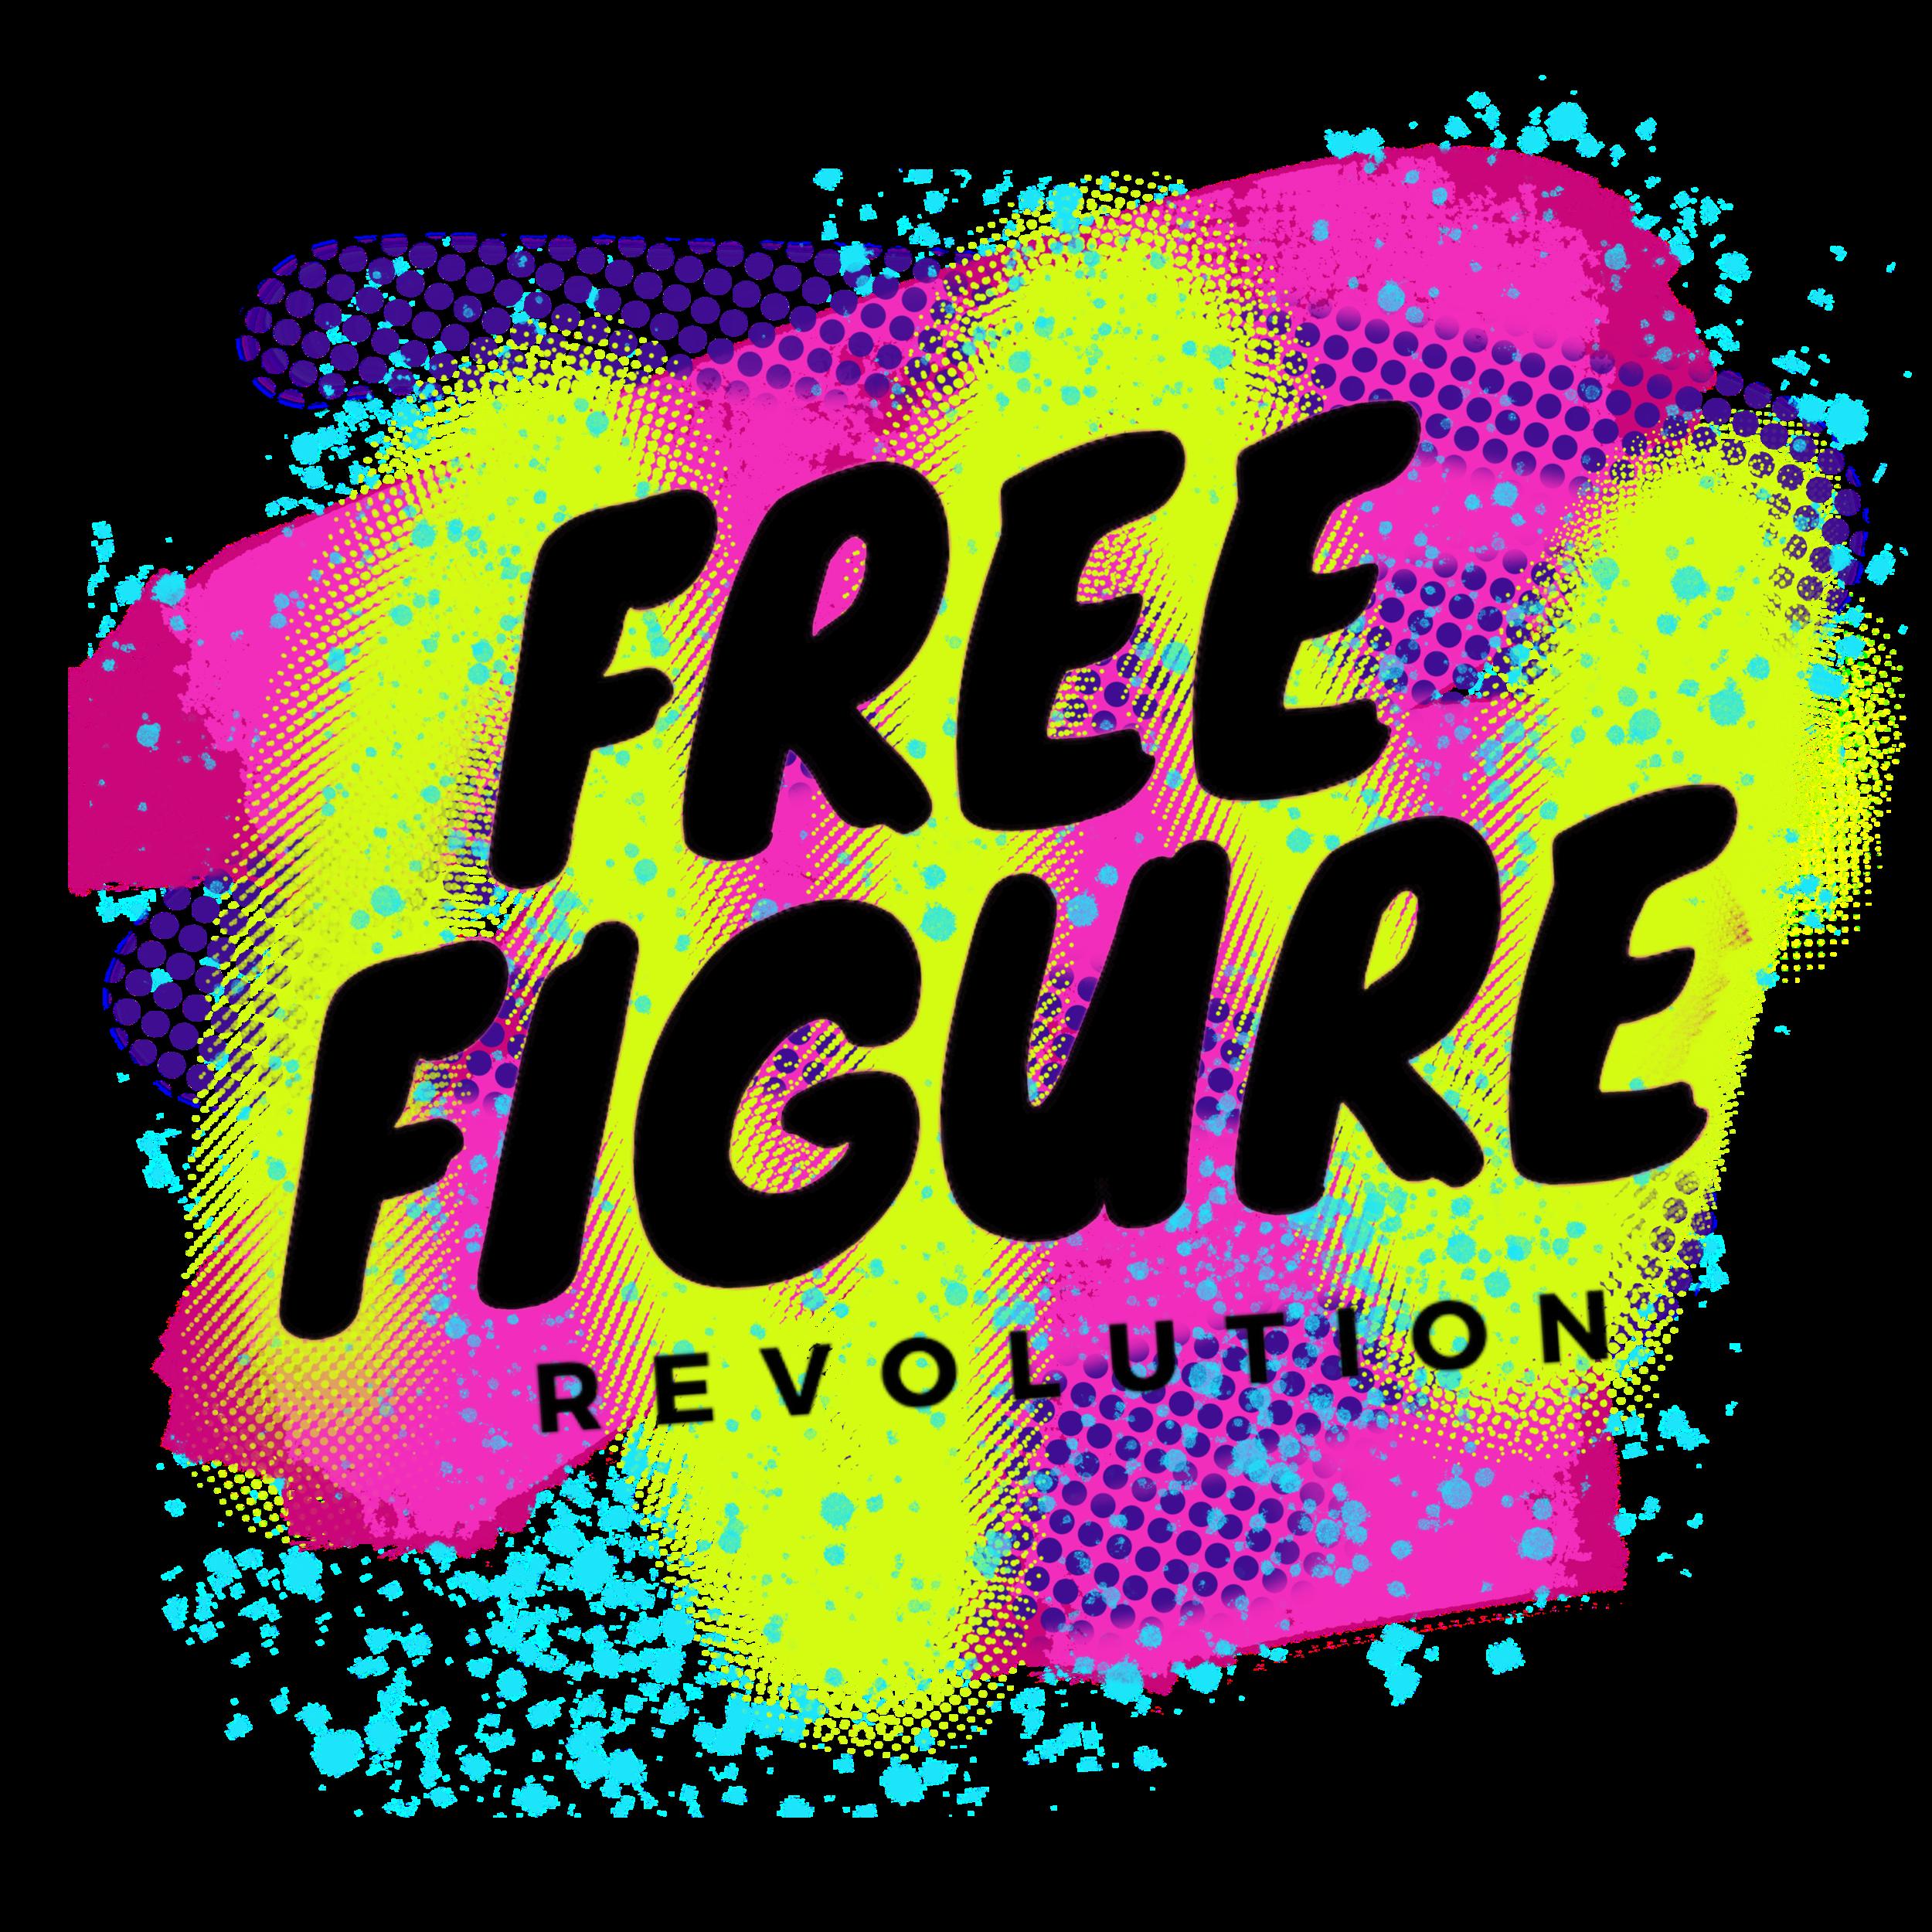 FreeFigureNewLogo.png